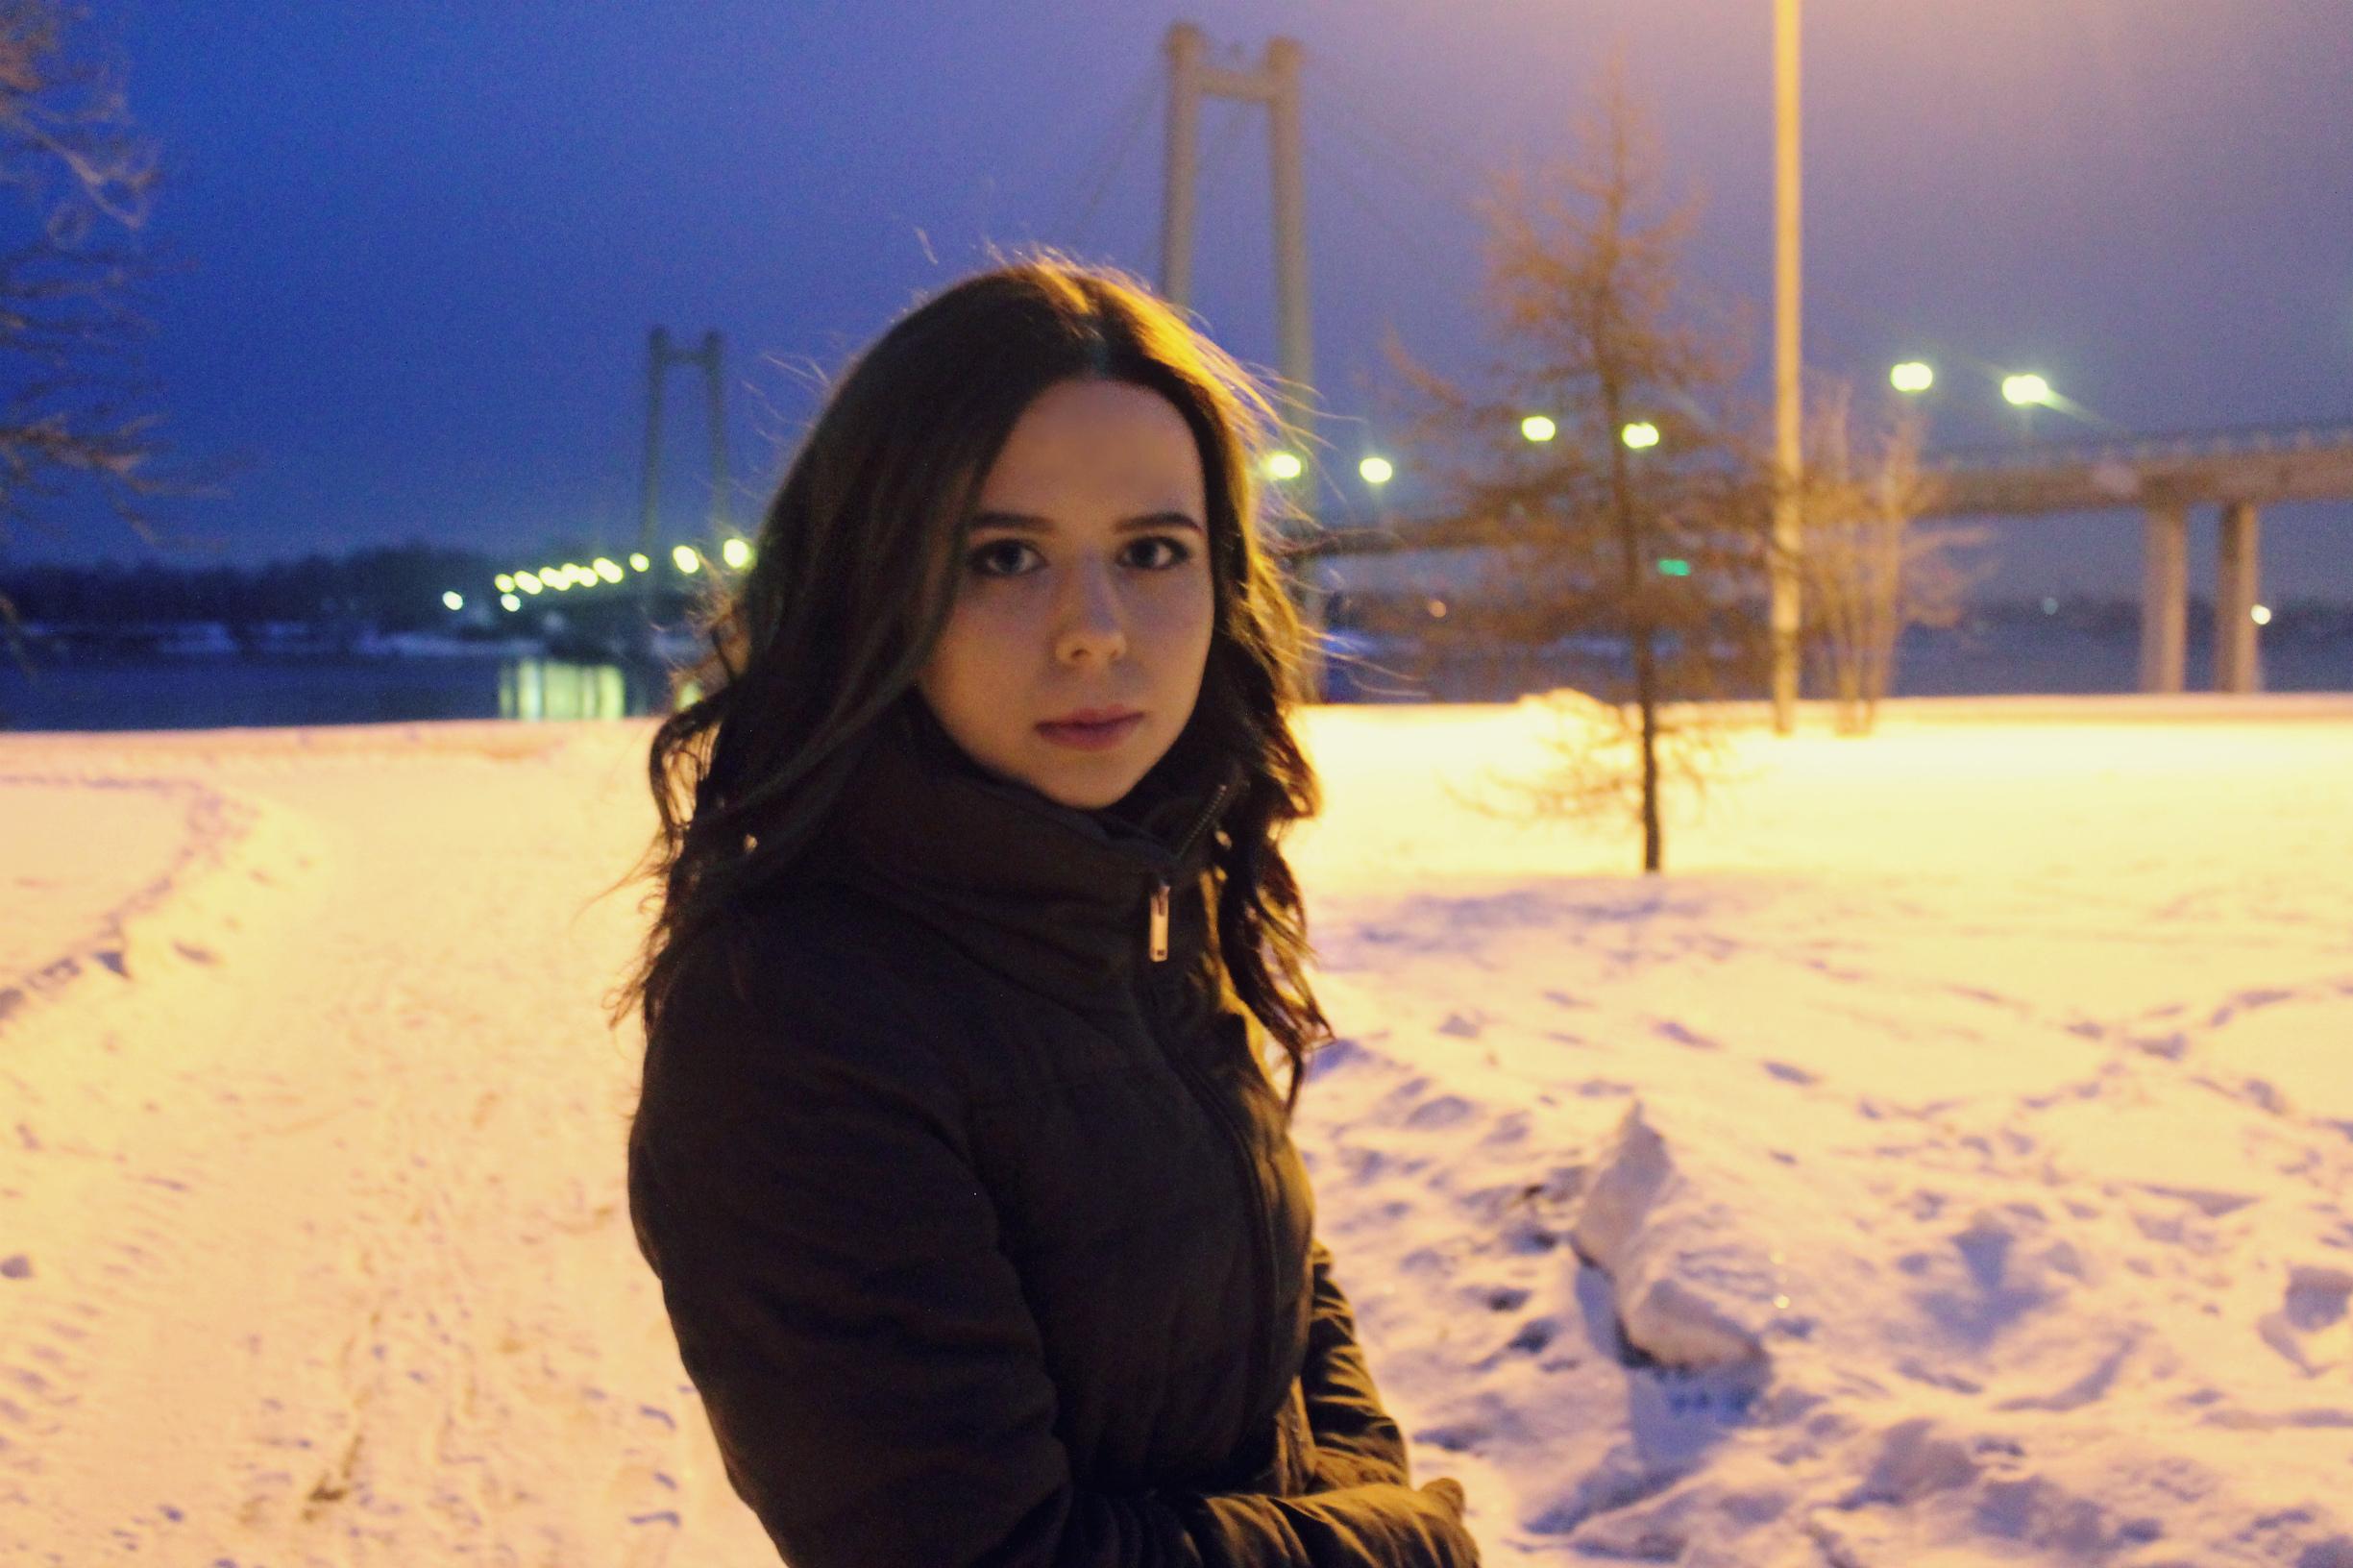 Anna Usoltseva